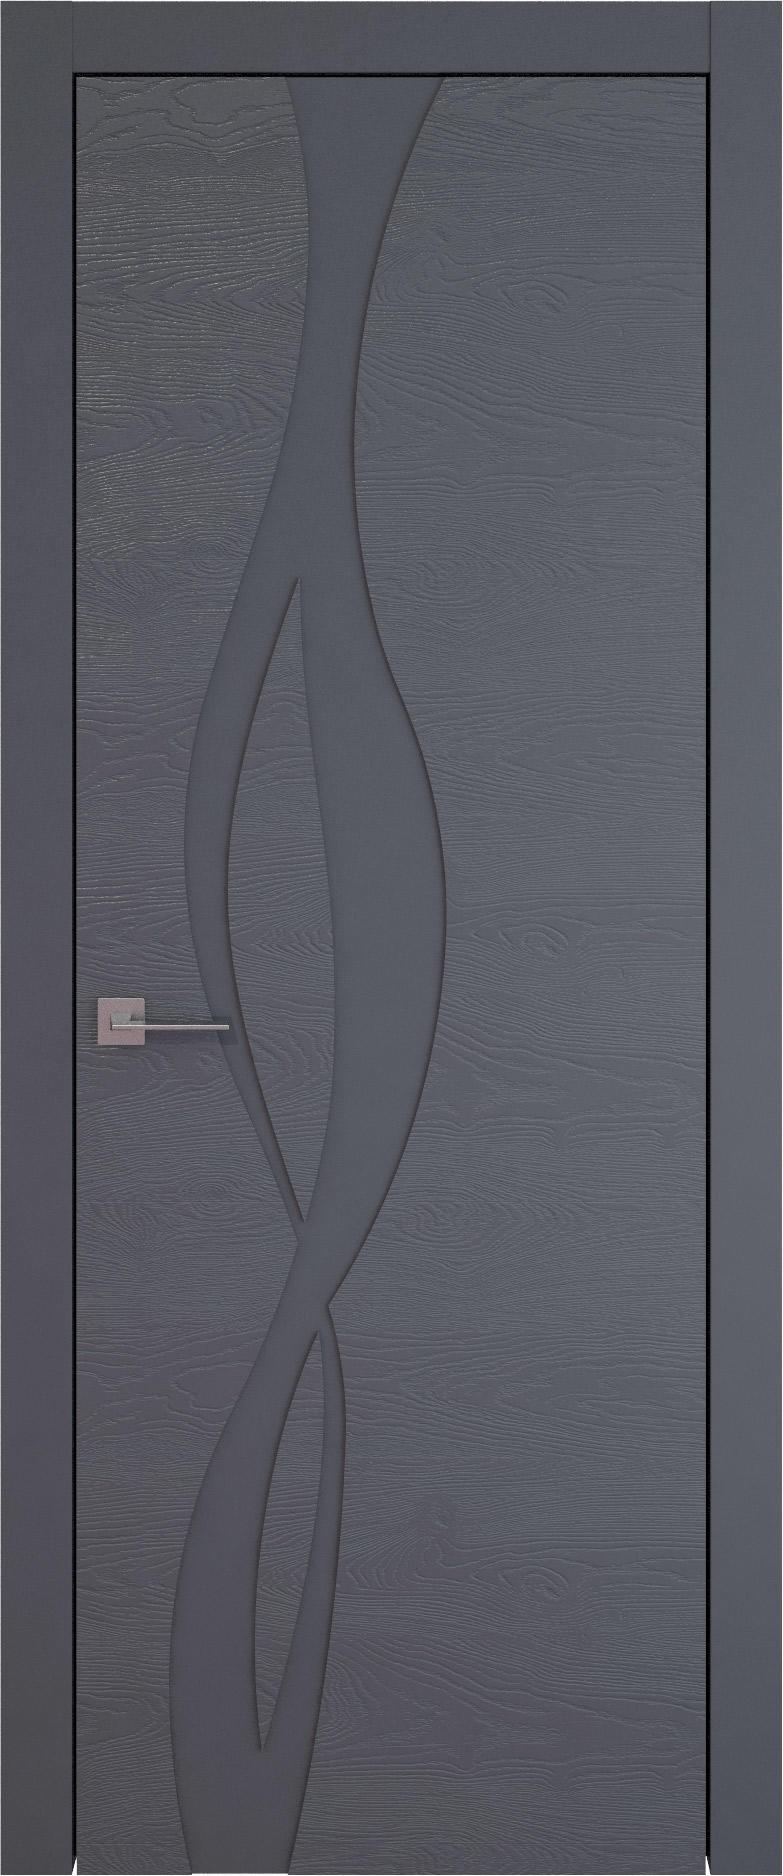 Tivoli Г-5 цвет - Графитово-серая эмаль по шпону (RAL 7024) Без стекла (ДГ)